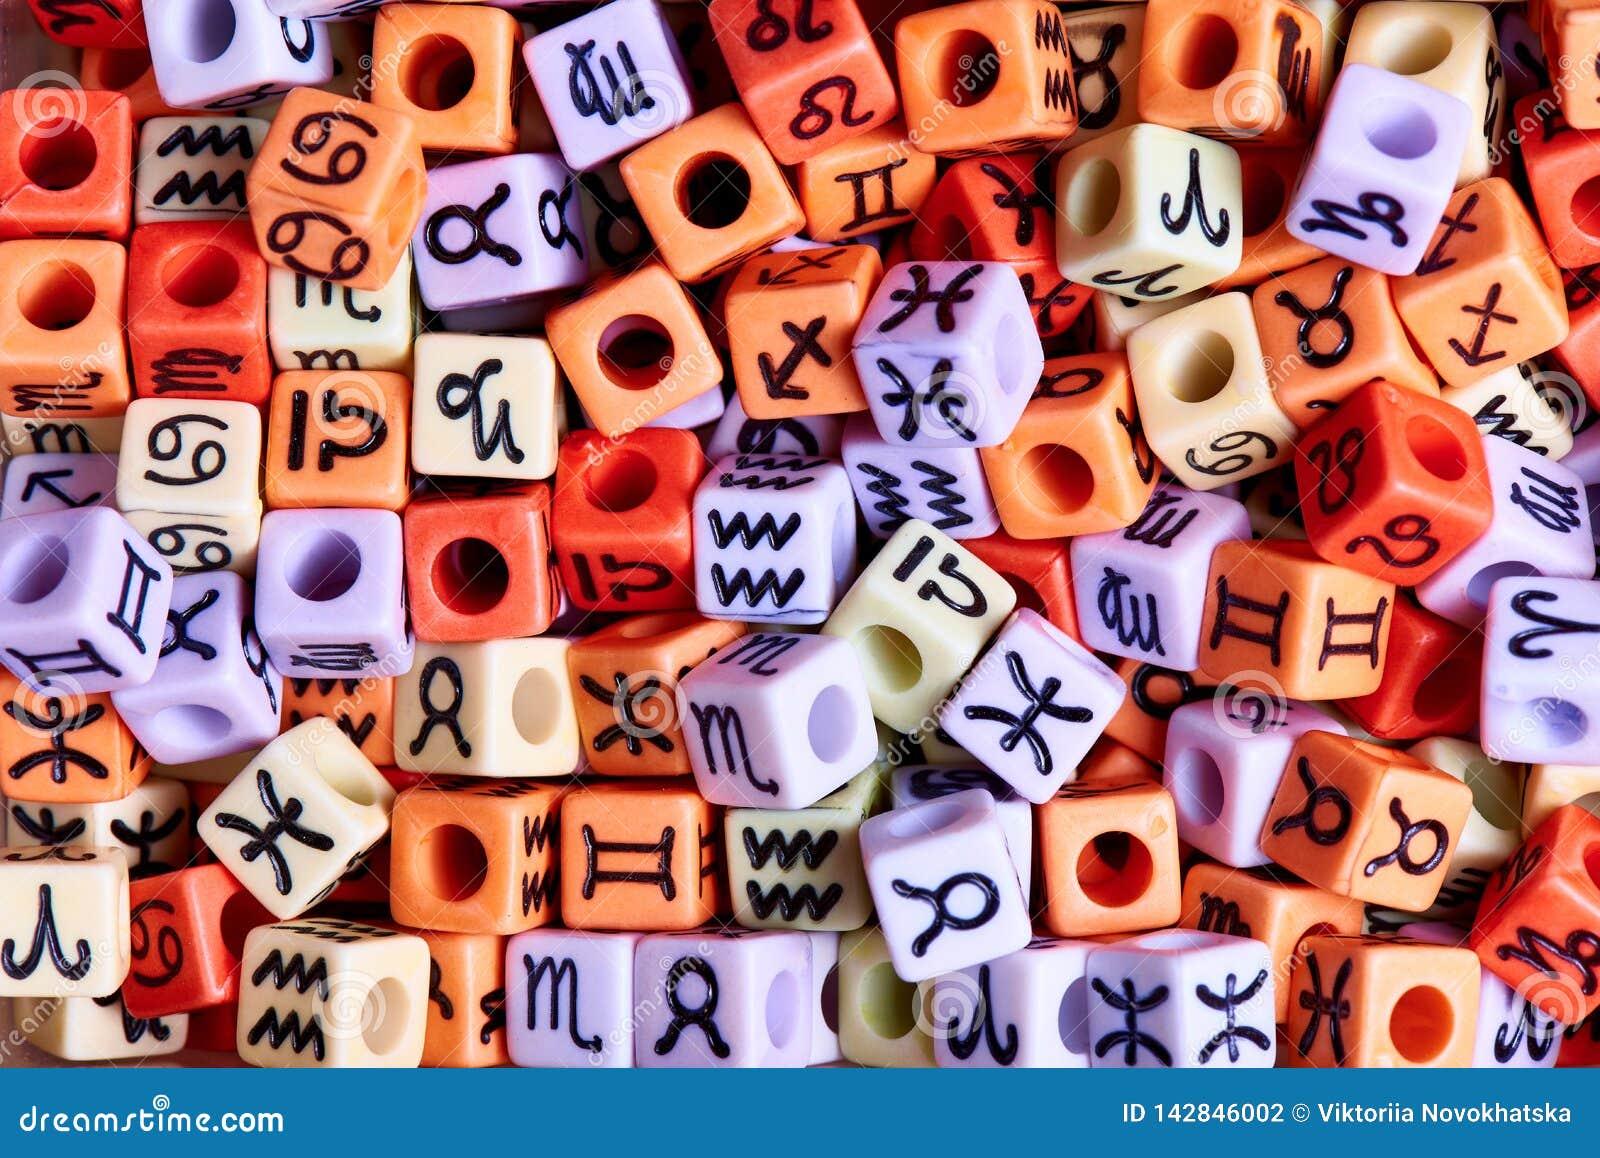 Cubos Multi-coloridos com close-up dos sinais do zodíaco